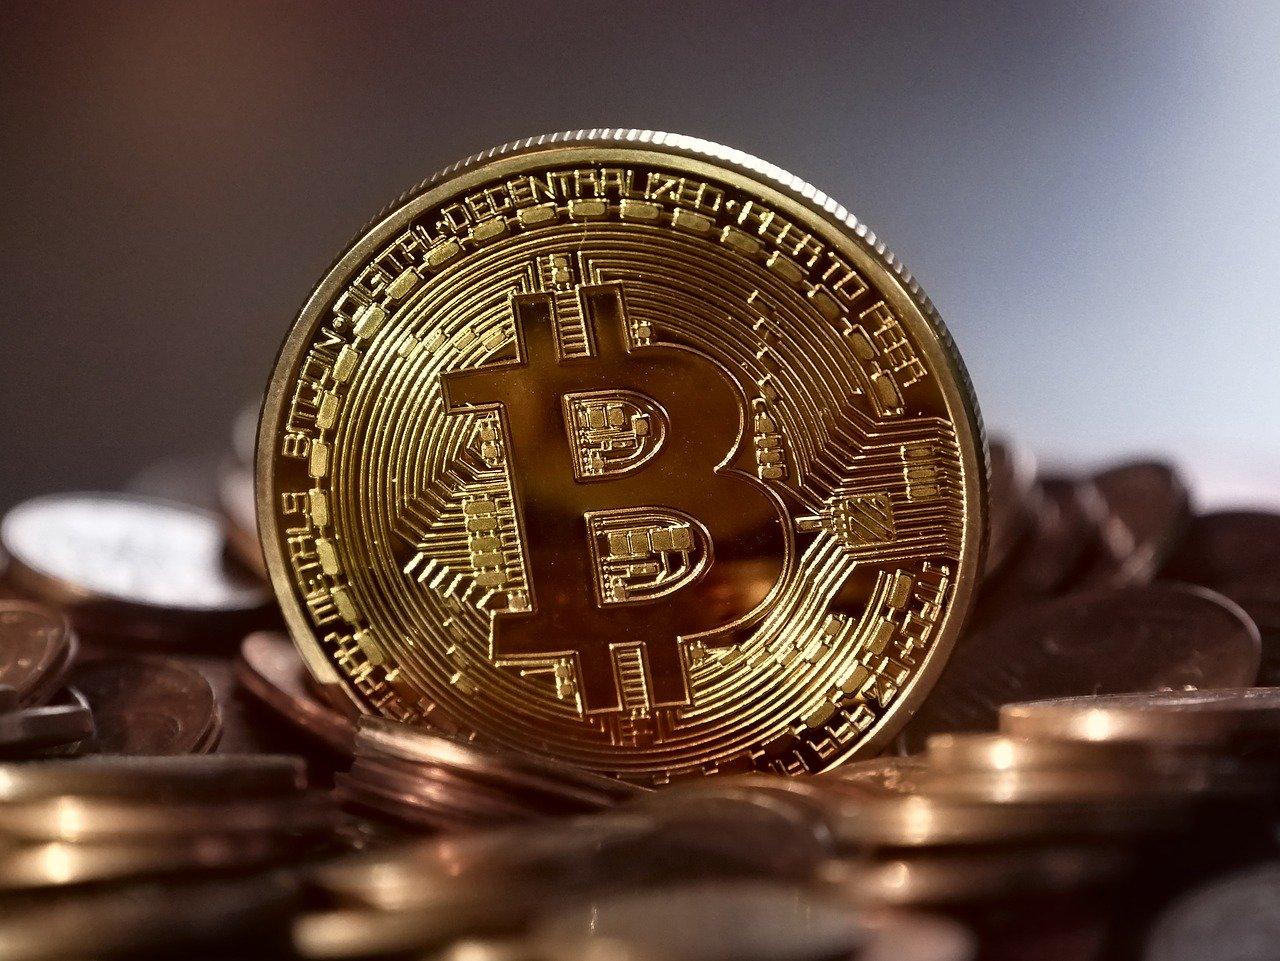 web de negociação de criptomoedas devo investir em ethereum ou bitcoin cotober 2021 como compra moedas digital